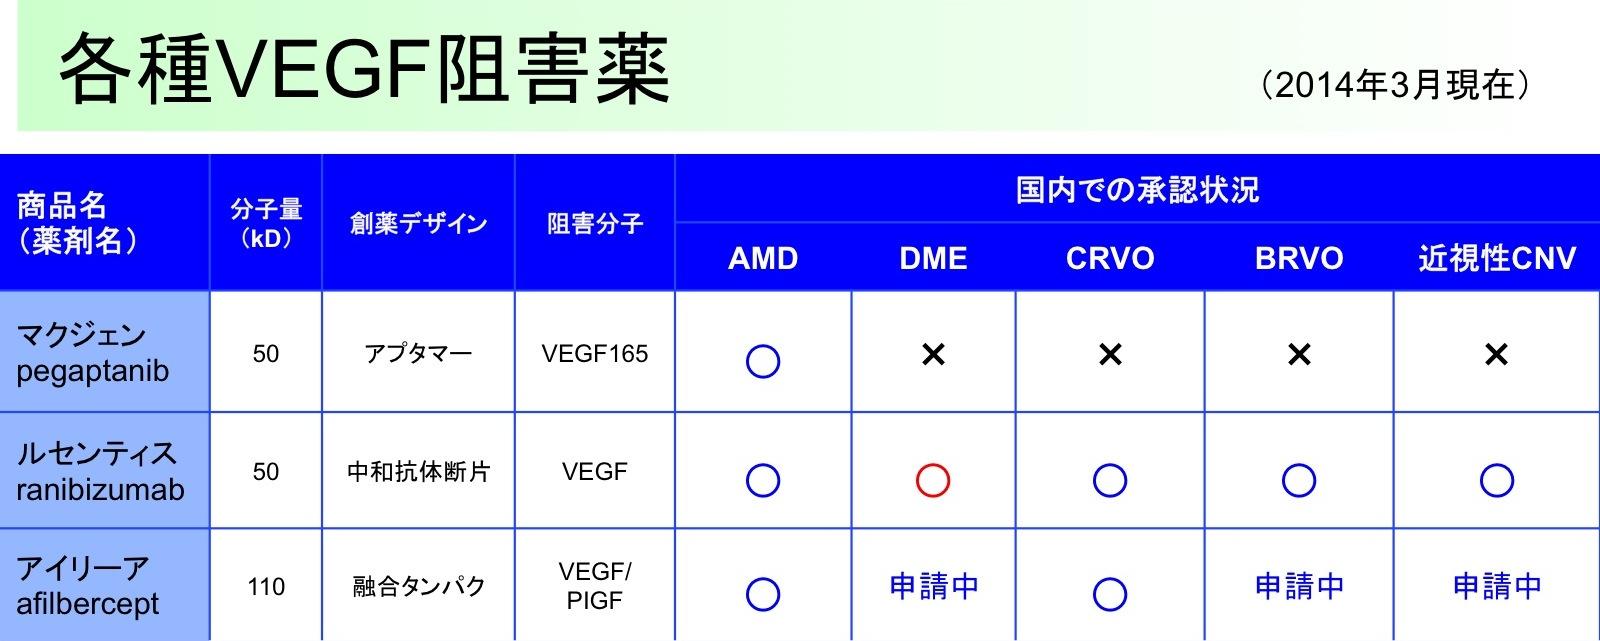 各種VEGF阻害薬